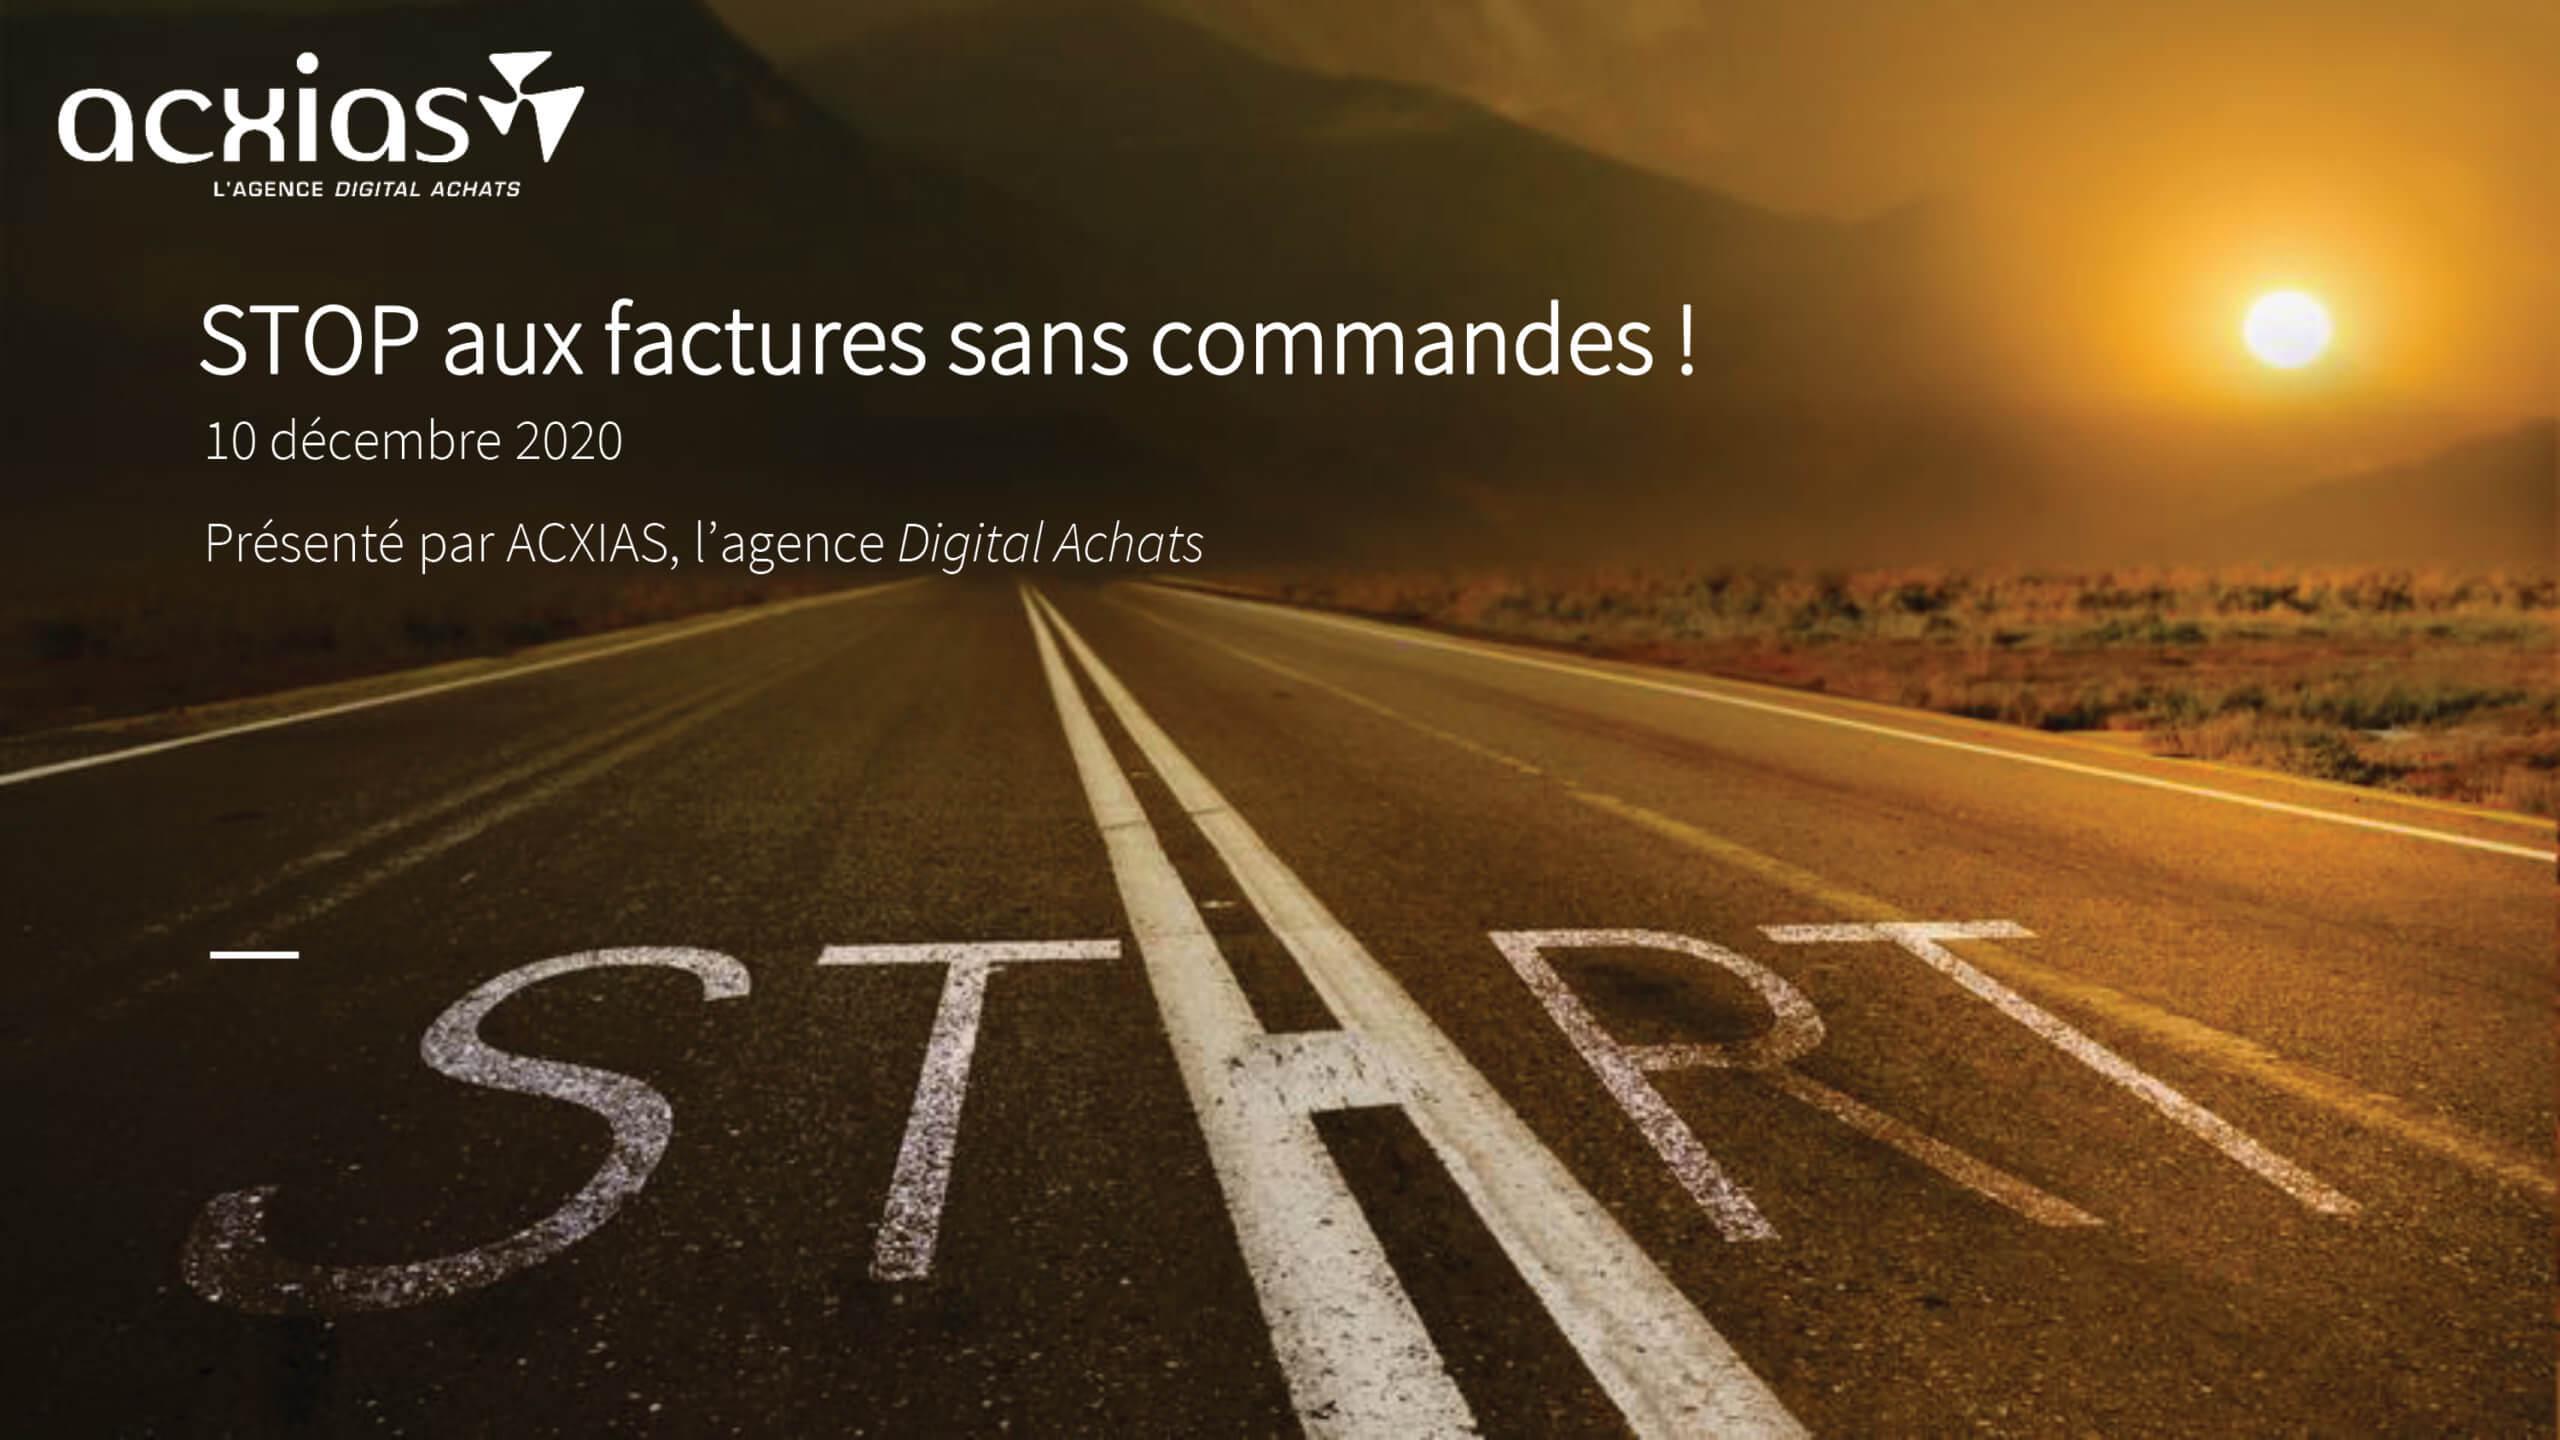 https://www.acxias.com/wp-content/uploads/2020/12/Factures-Sans-Commandes-scaled.jpg